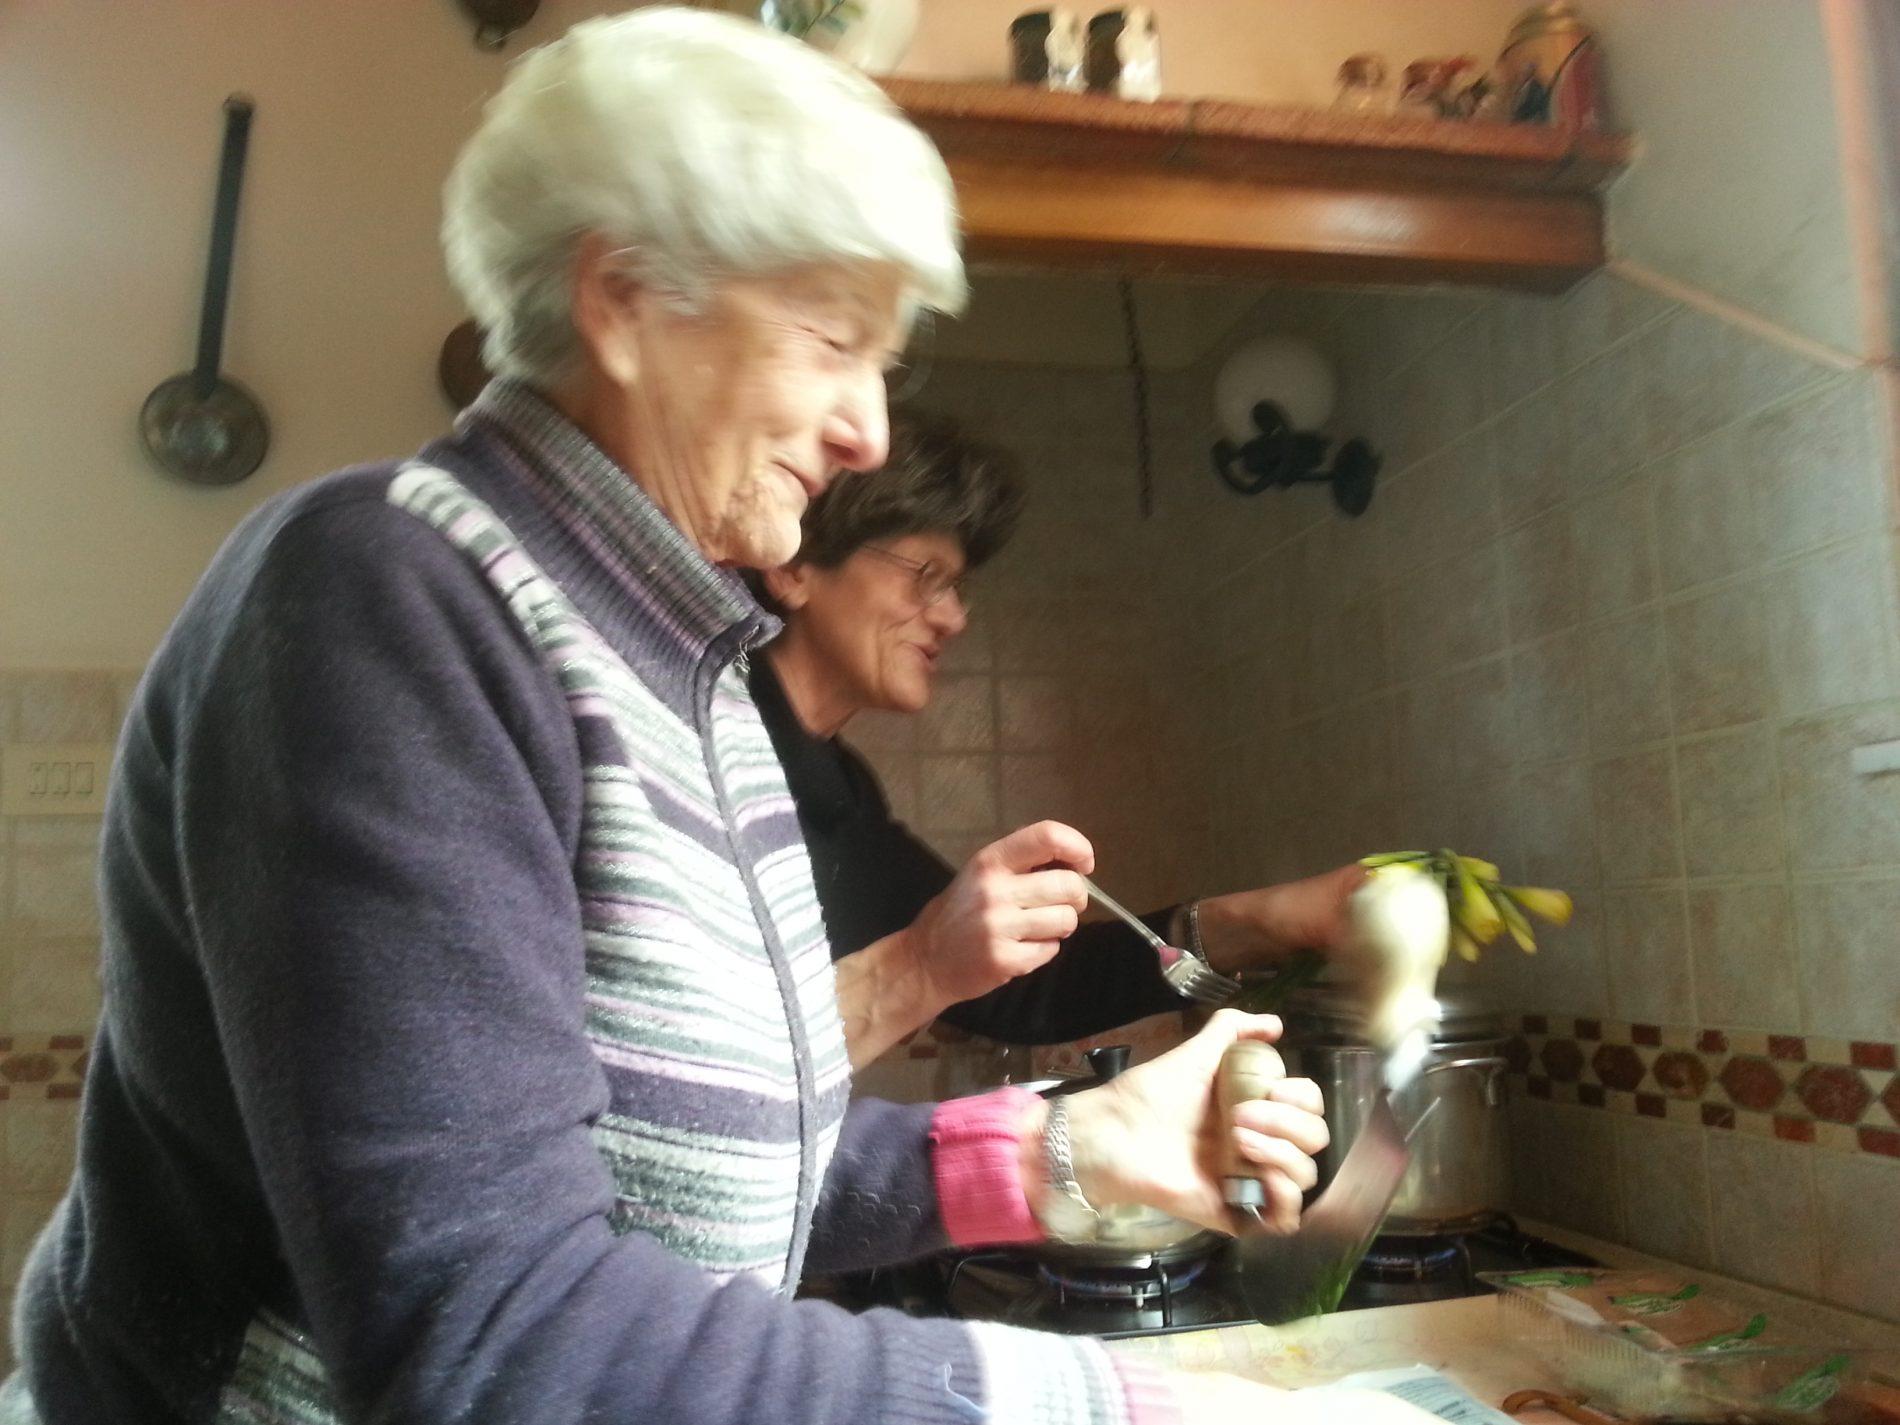 Risultati immagini per cohousing anziani